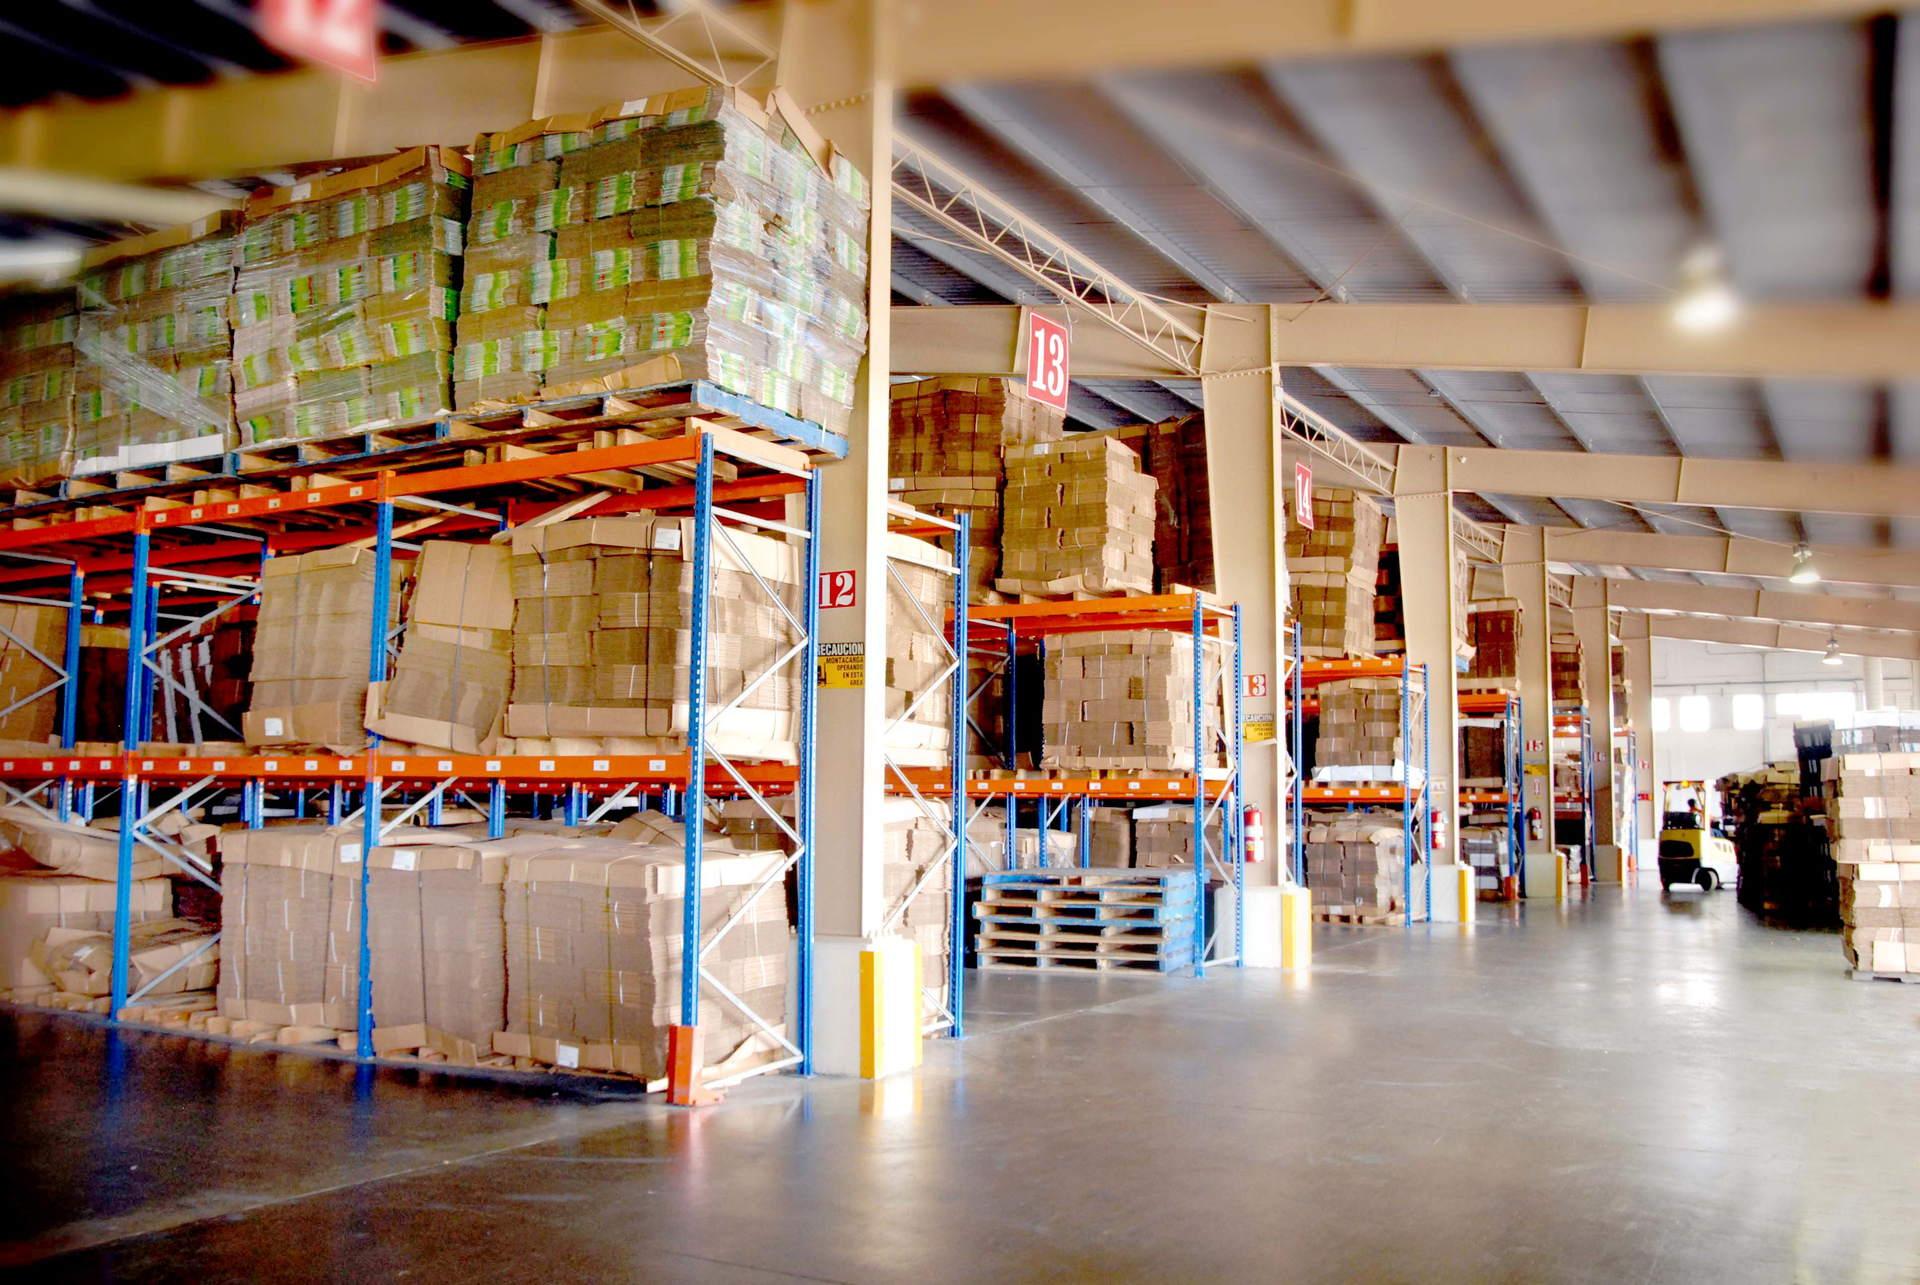 Cartones_del_Caribe-variedad-de-productos-de-carton